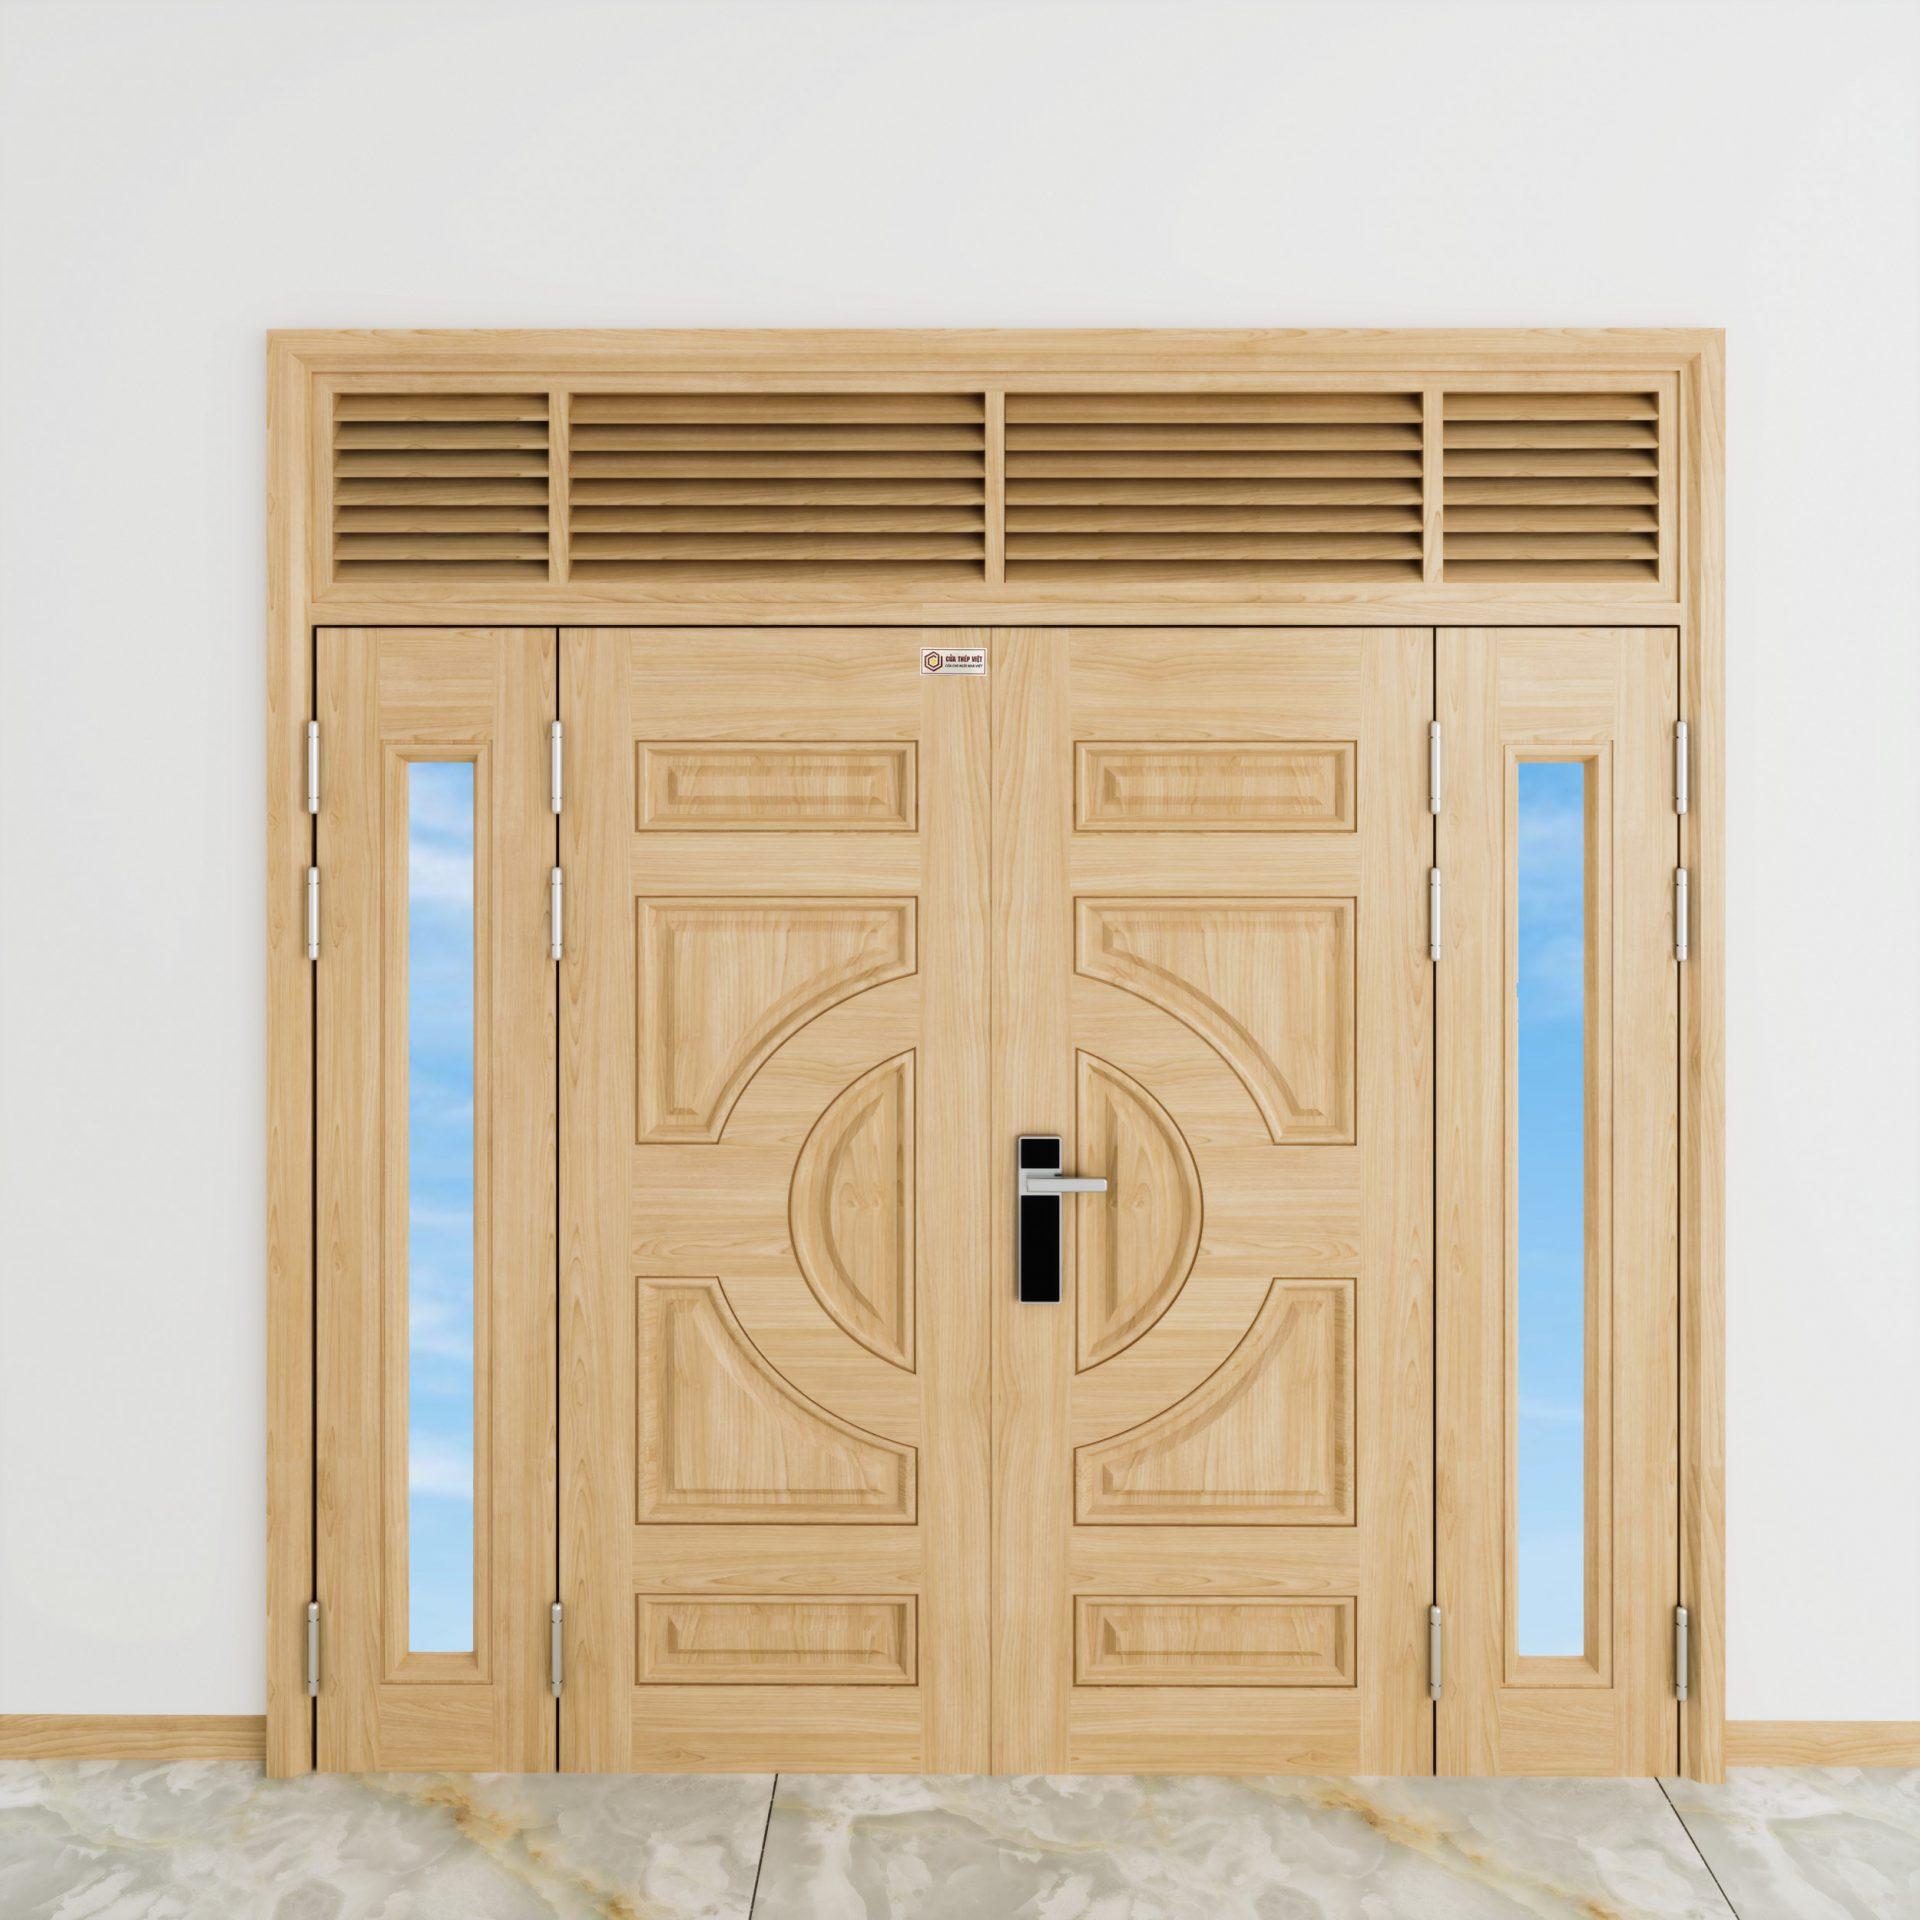 Những ưu điểm cửa thép chống cháy vân gỗ?